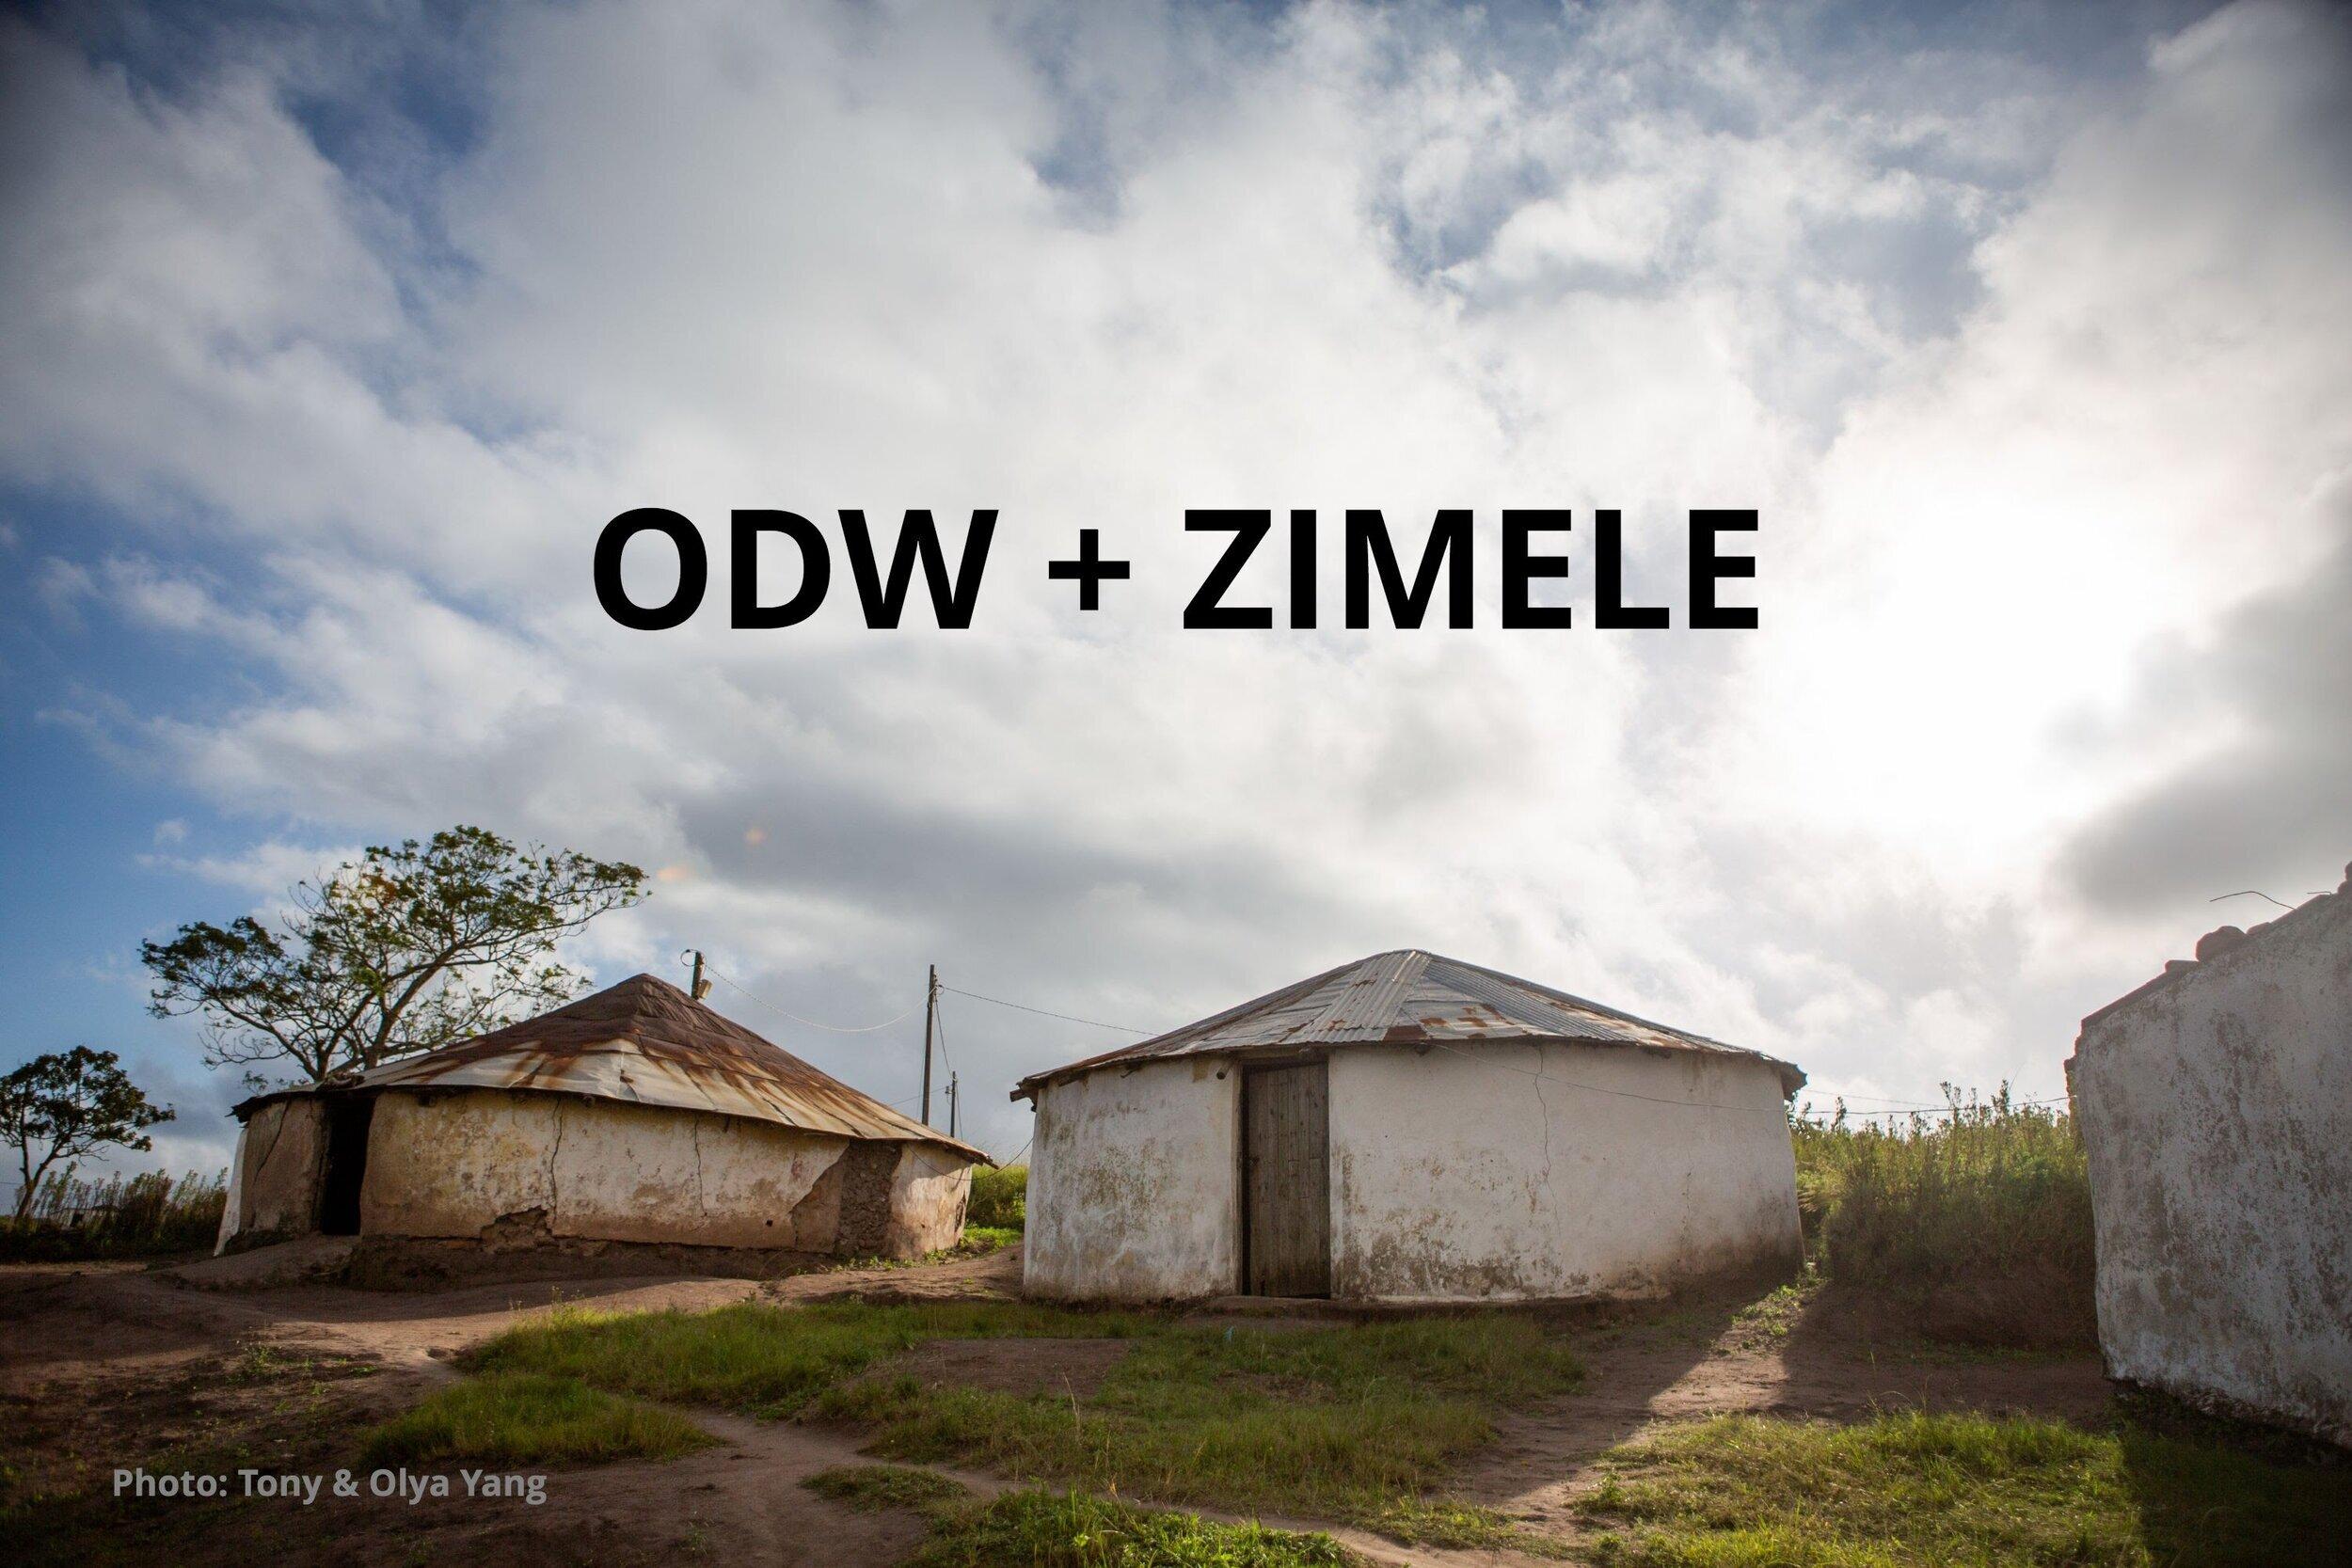 Zimele+and+ODW.jpg